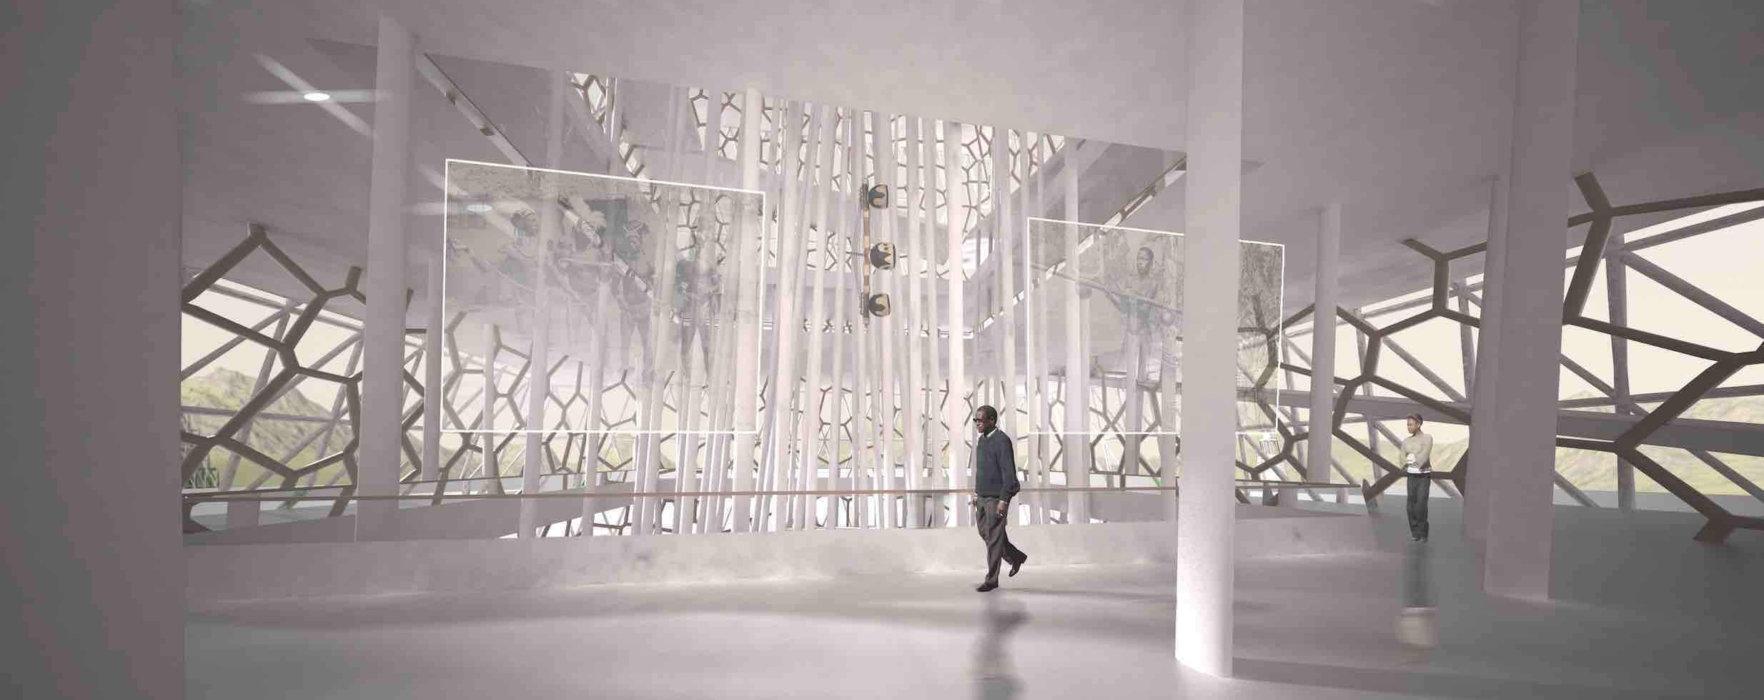 Projet de conception architecturale pour une institution culturelle